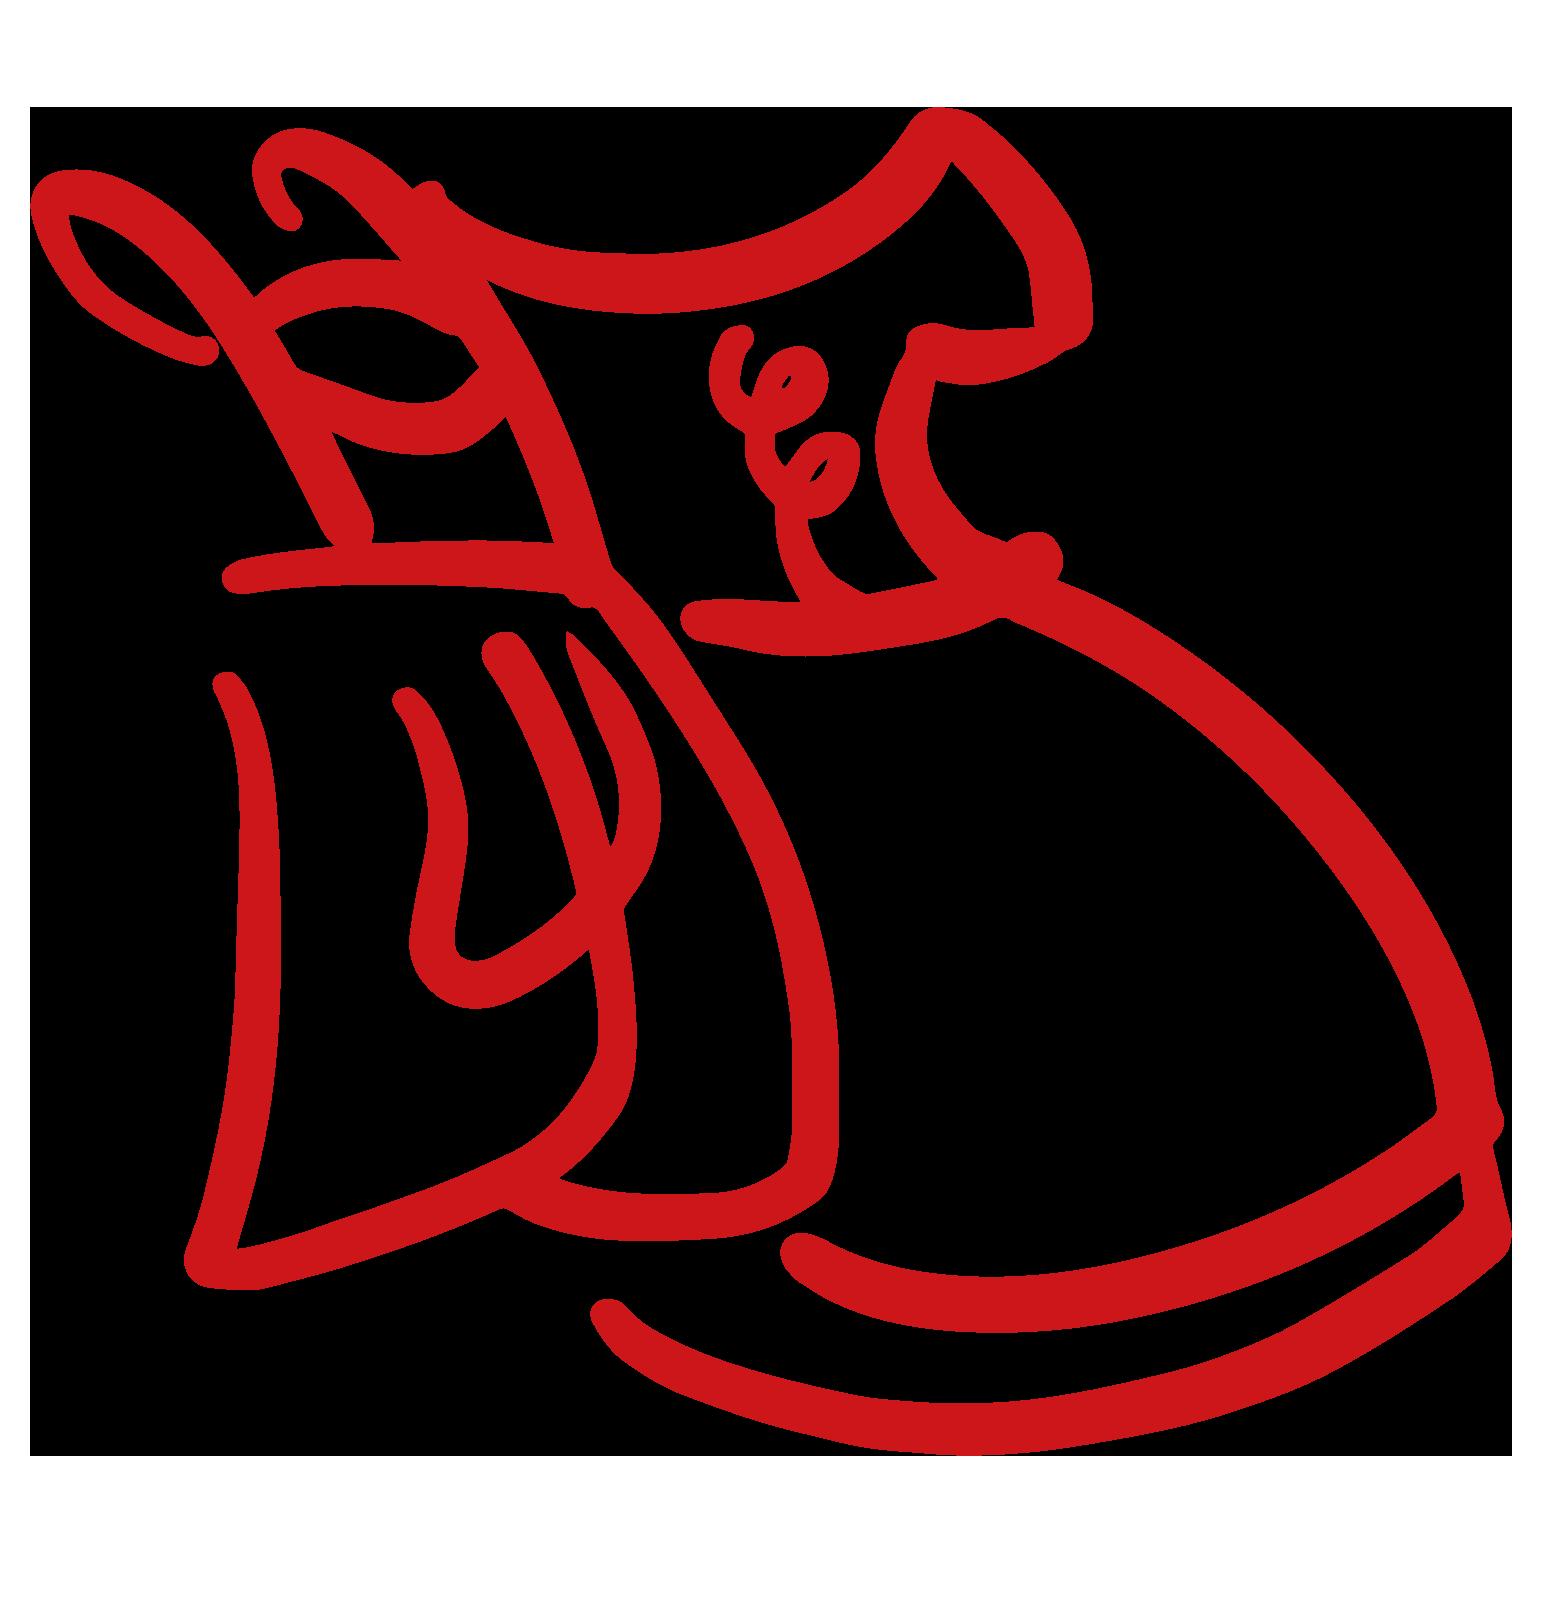 79df708eaa92 Trachtenhemd, Pfoad, weiß, slimfit jetzt günstig online kaufen ...